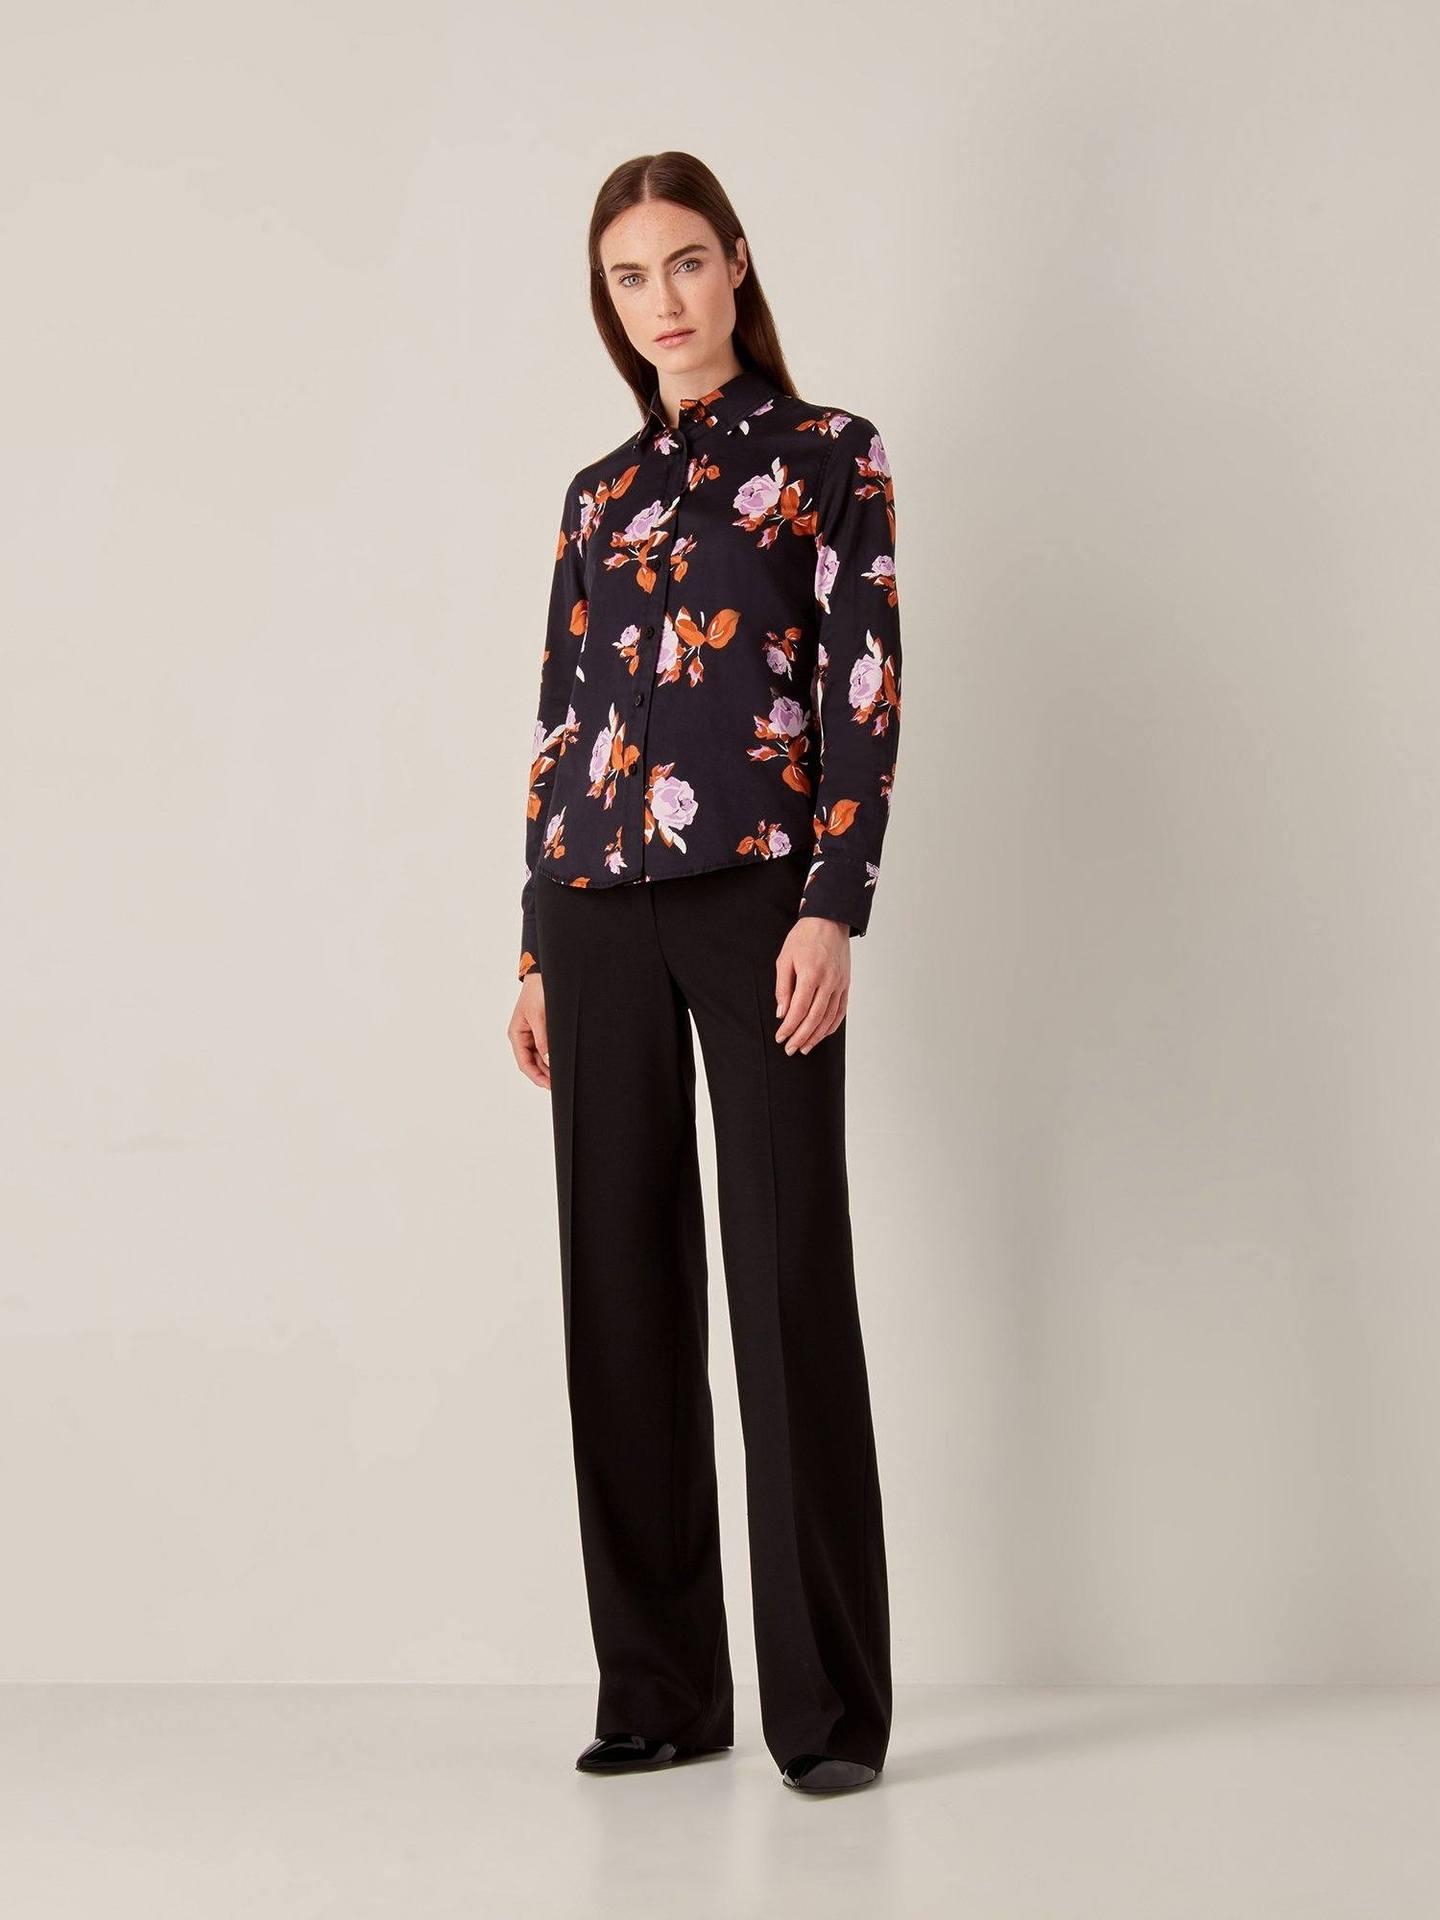 tagus-blouse-floral-beatrice-pant-black-front-2018_06_28_J_C20347_1440x.jpg